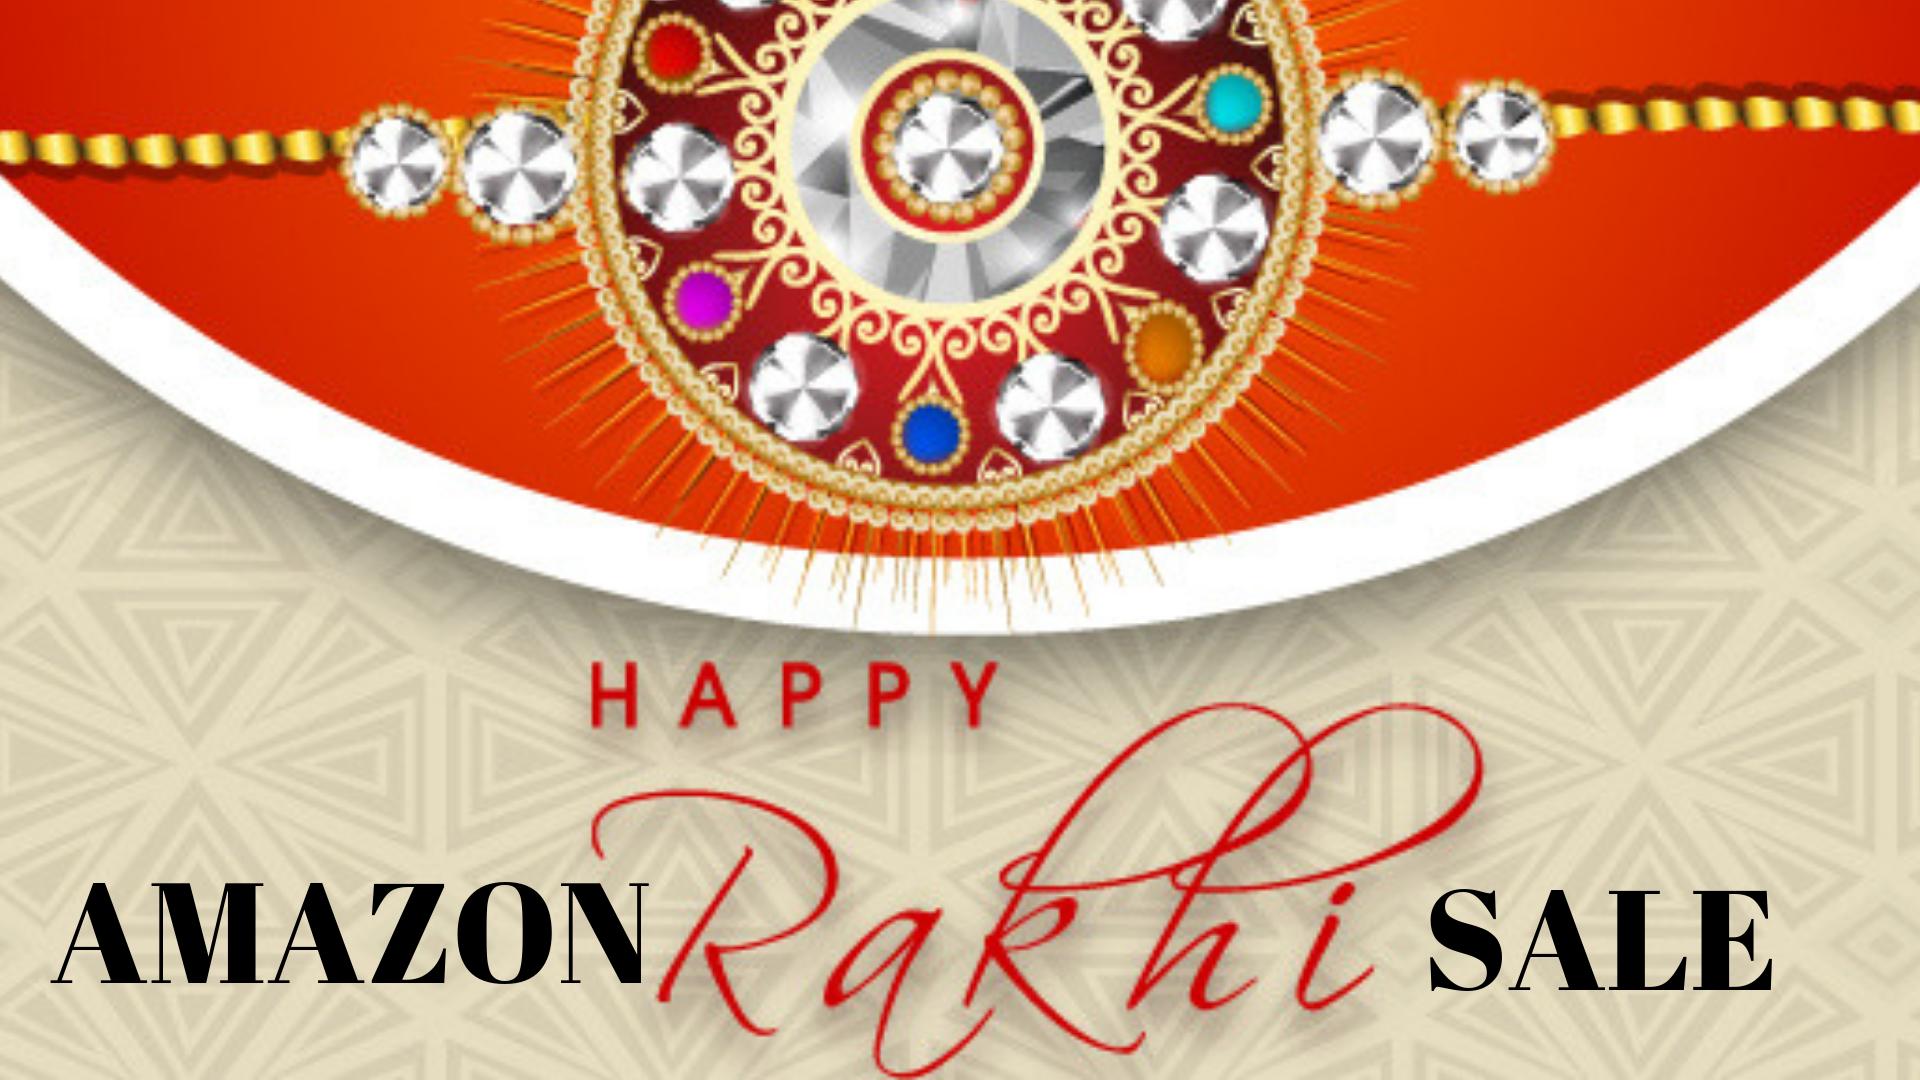 amazon-rakhi-sale-2019